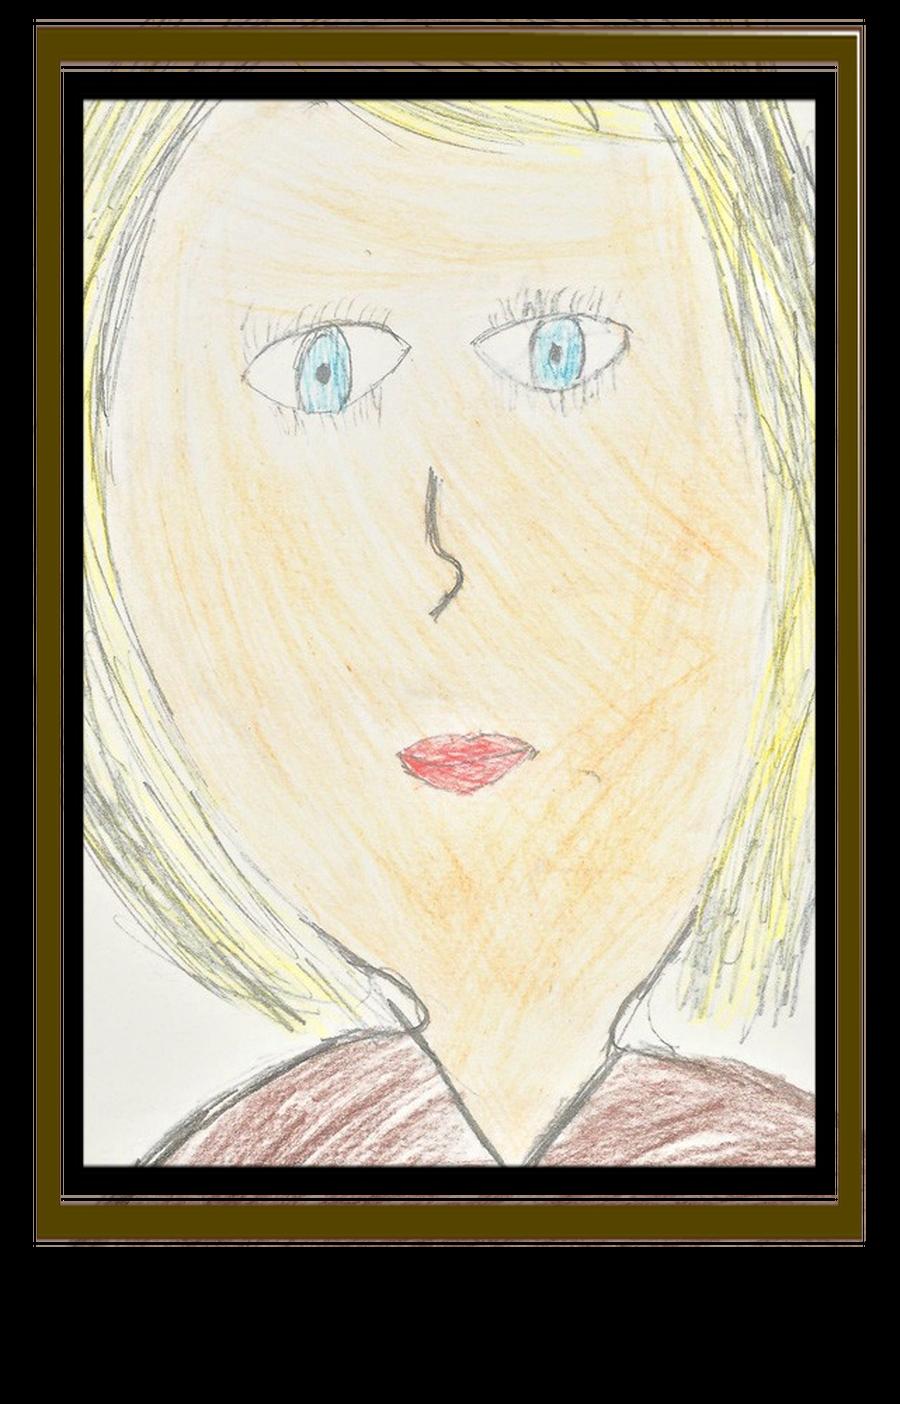 Mrs Wheatley - Assistant Headteahcher, SENCO